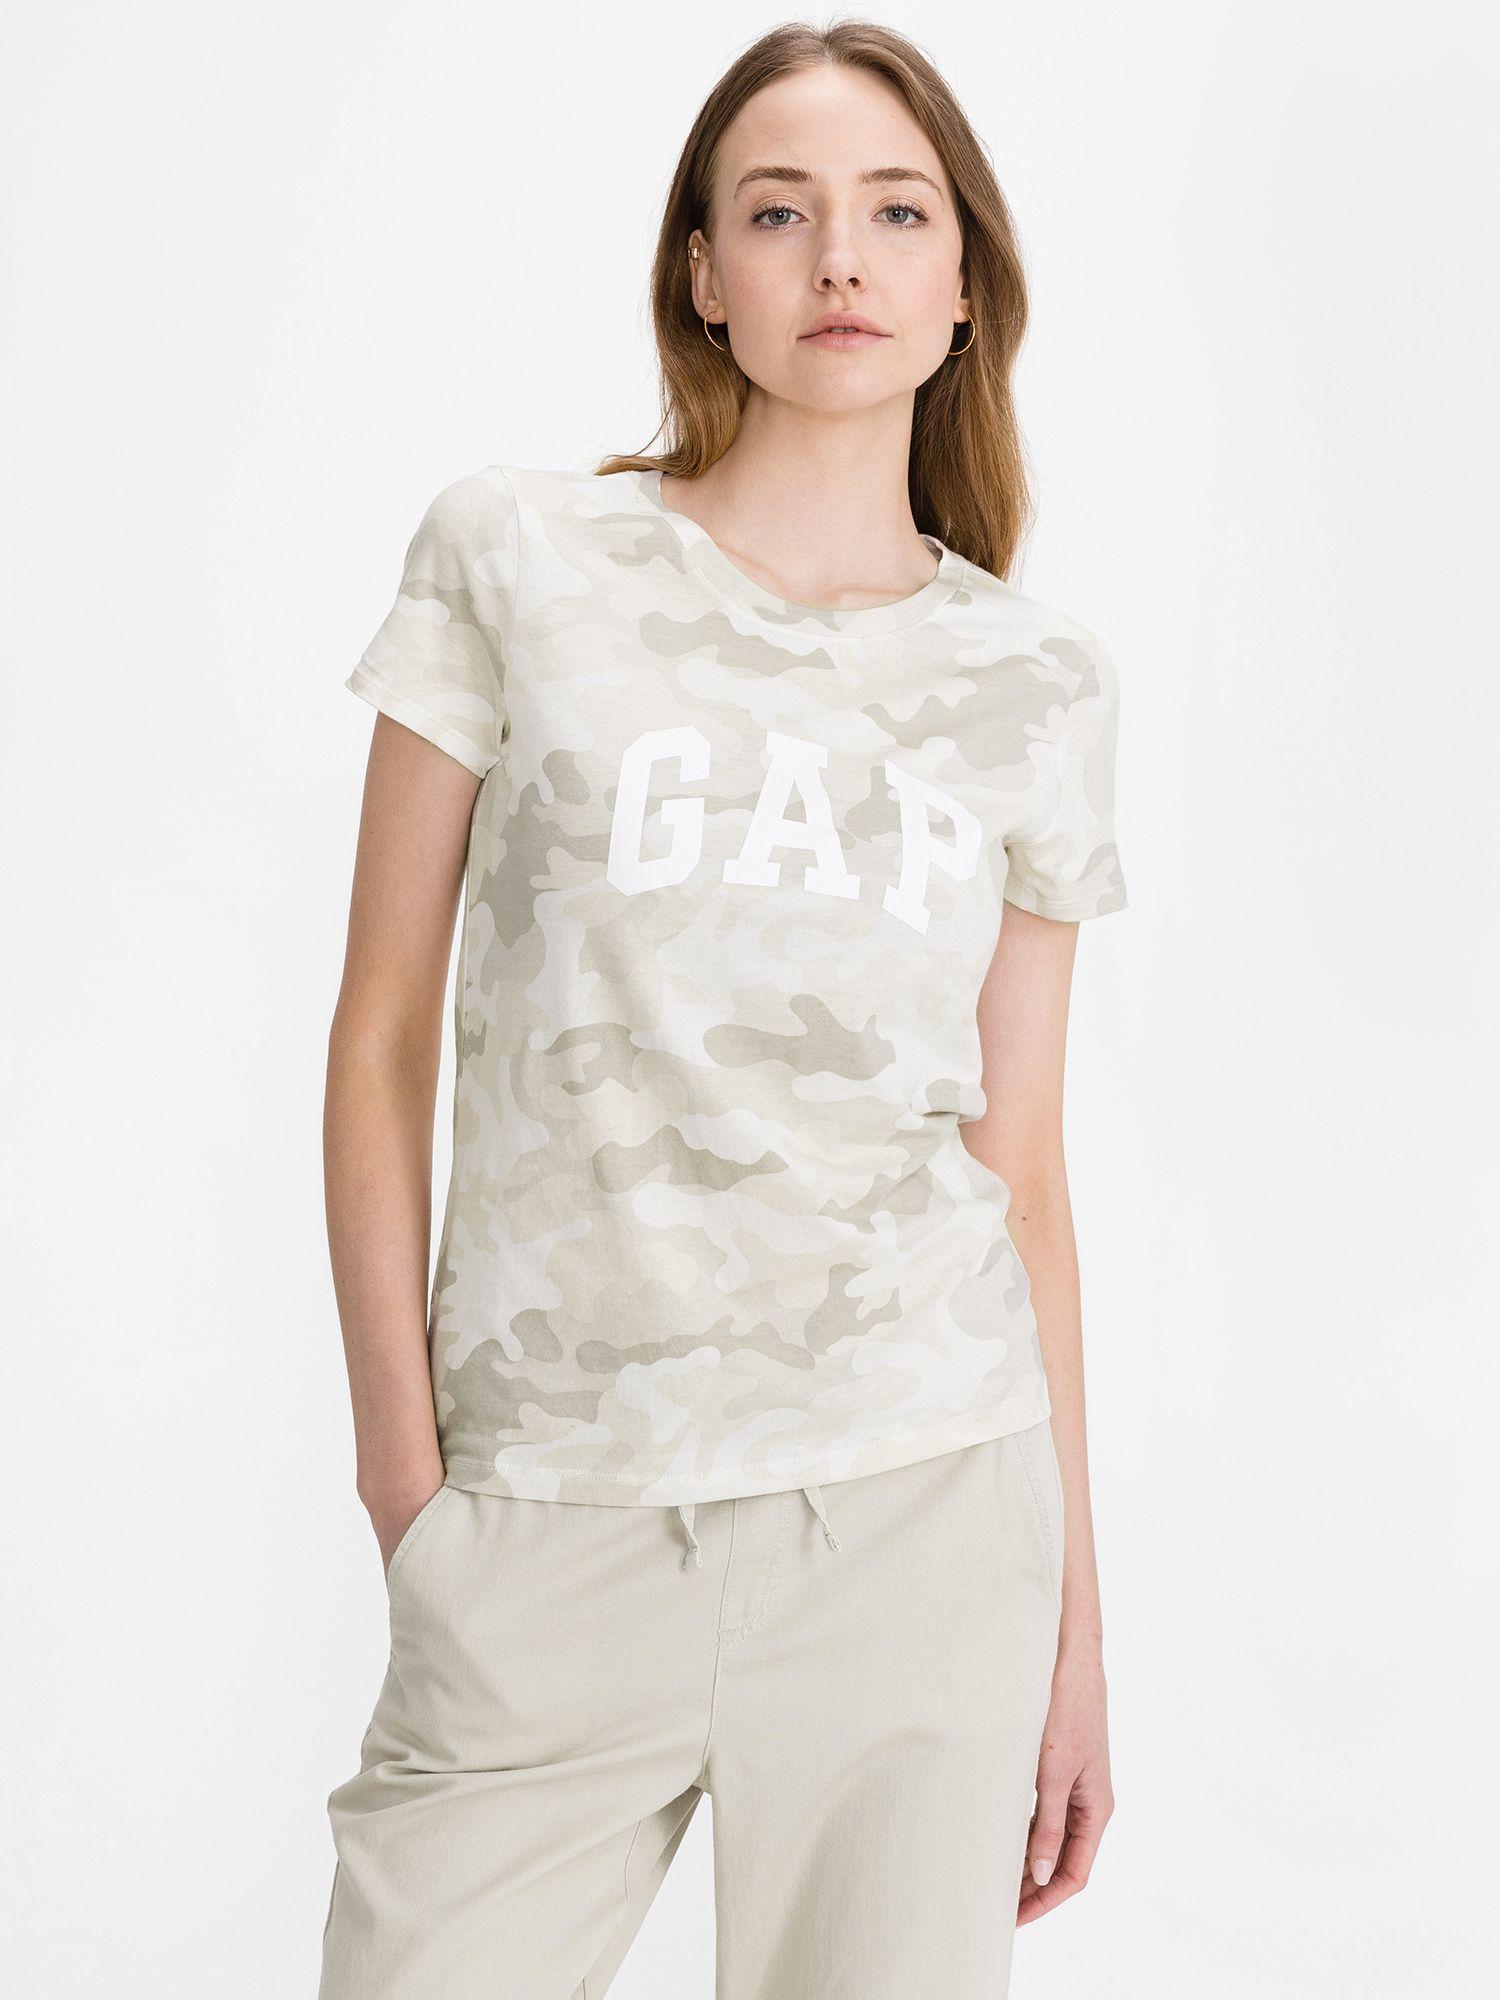 GAP smantanii/crem tricou Classic